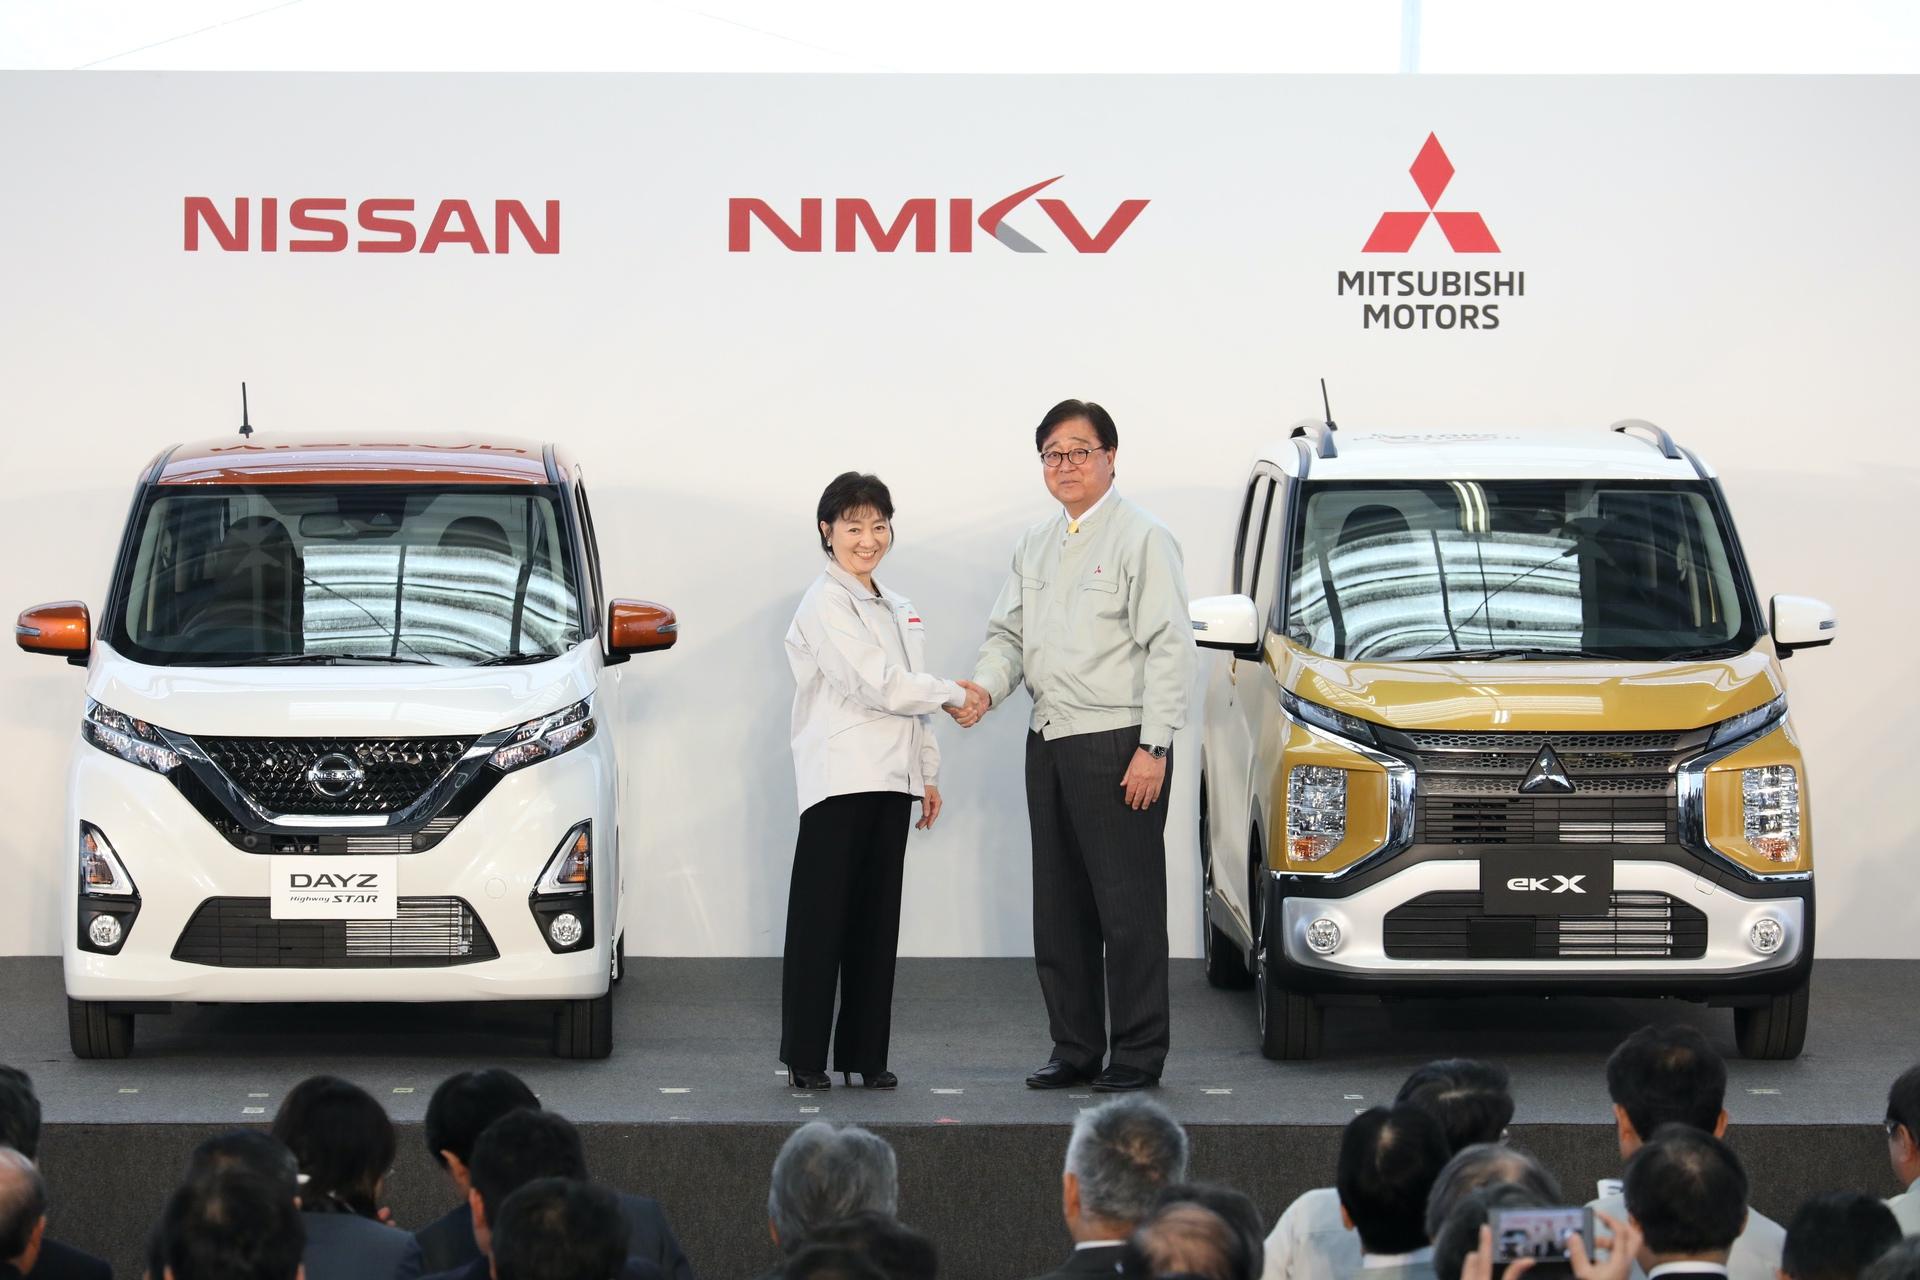 Nissan_Mitsubishi_kei_cars_0001